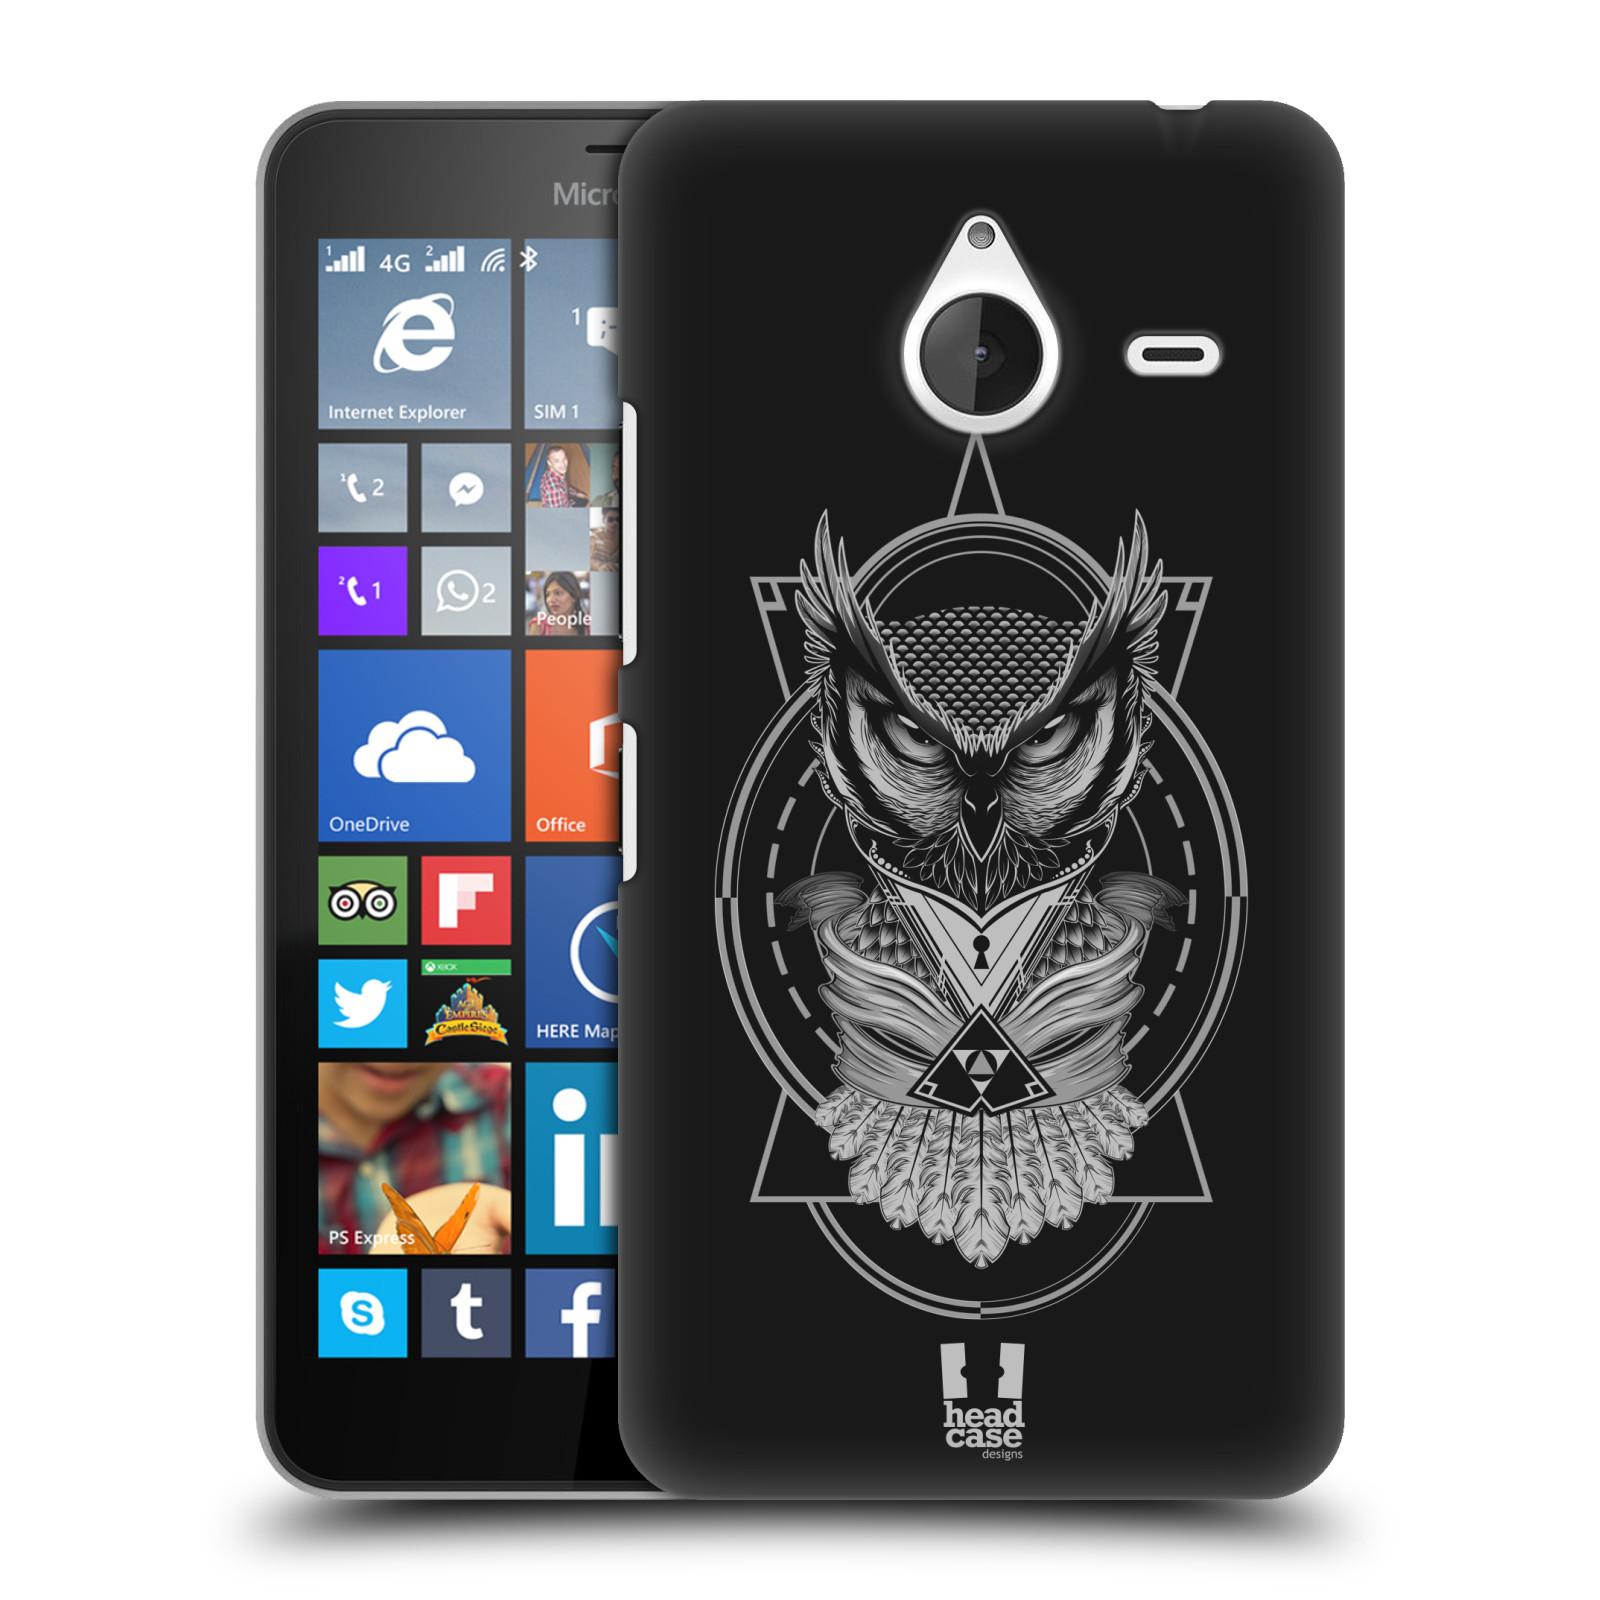 Plastové pouzdro na mobil Microsoft Lumia 640 XL - Head Case - Krutá sova (Plastový kryt či obal na mobilní telefon s krutým motivem pro Microsoft Lumia 640 XL)